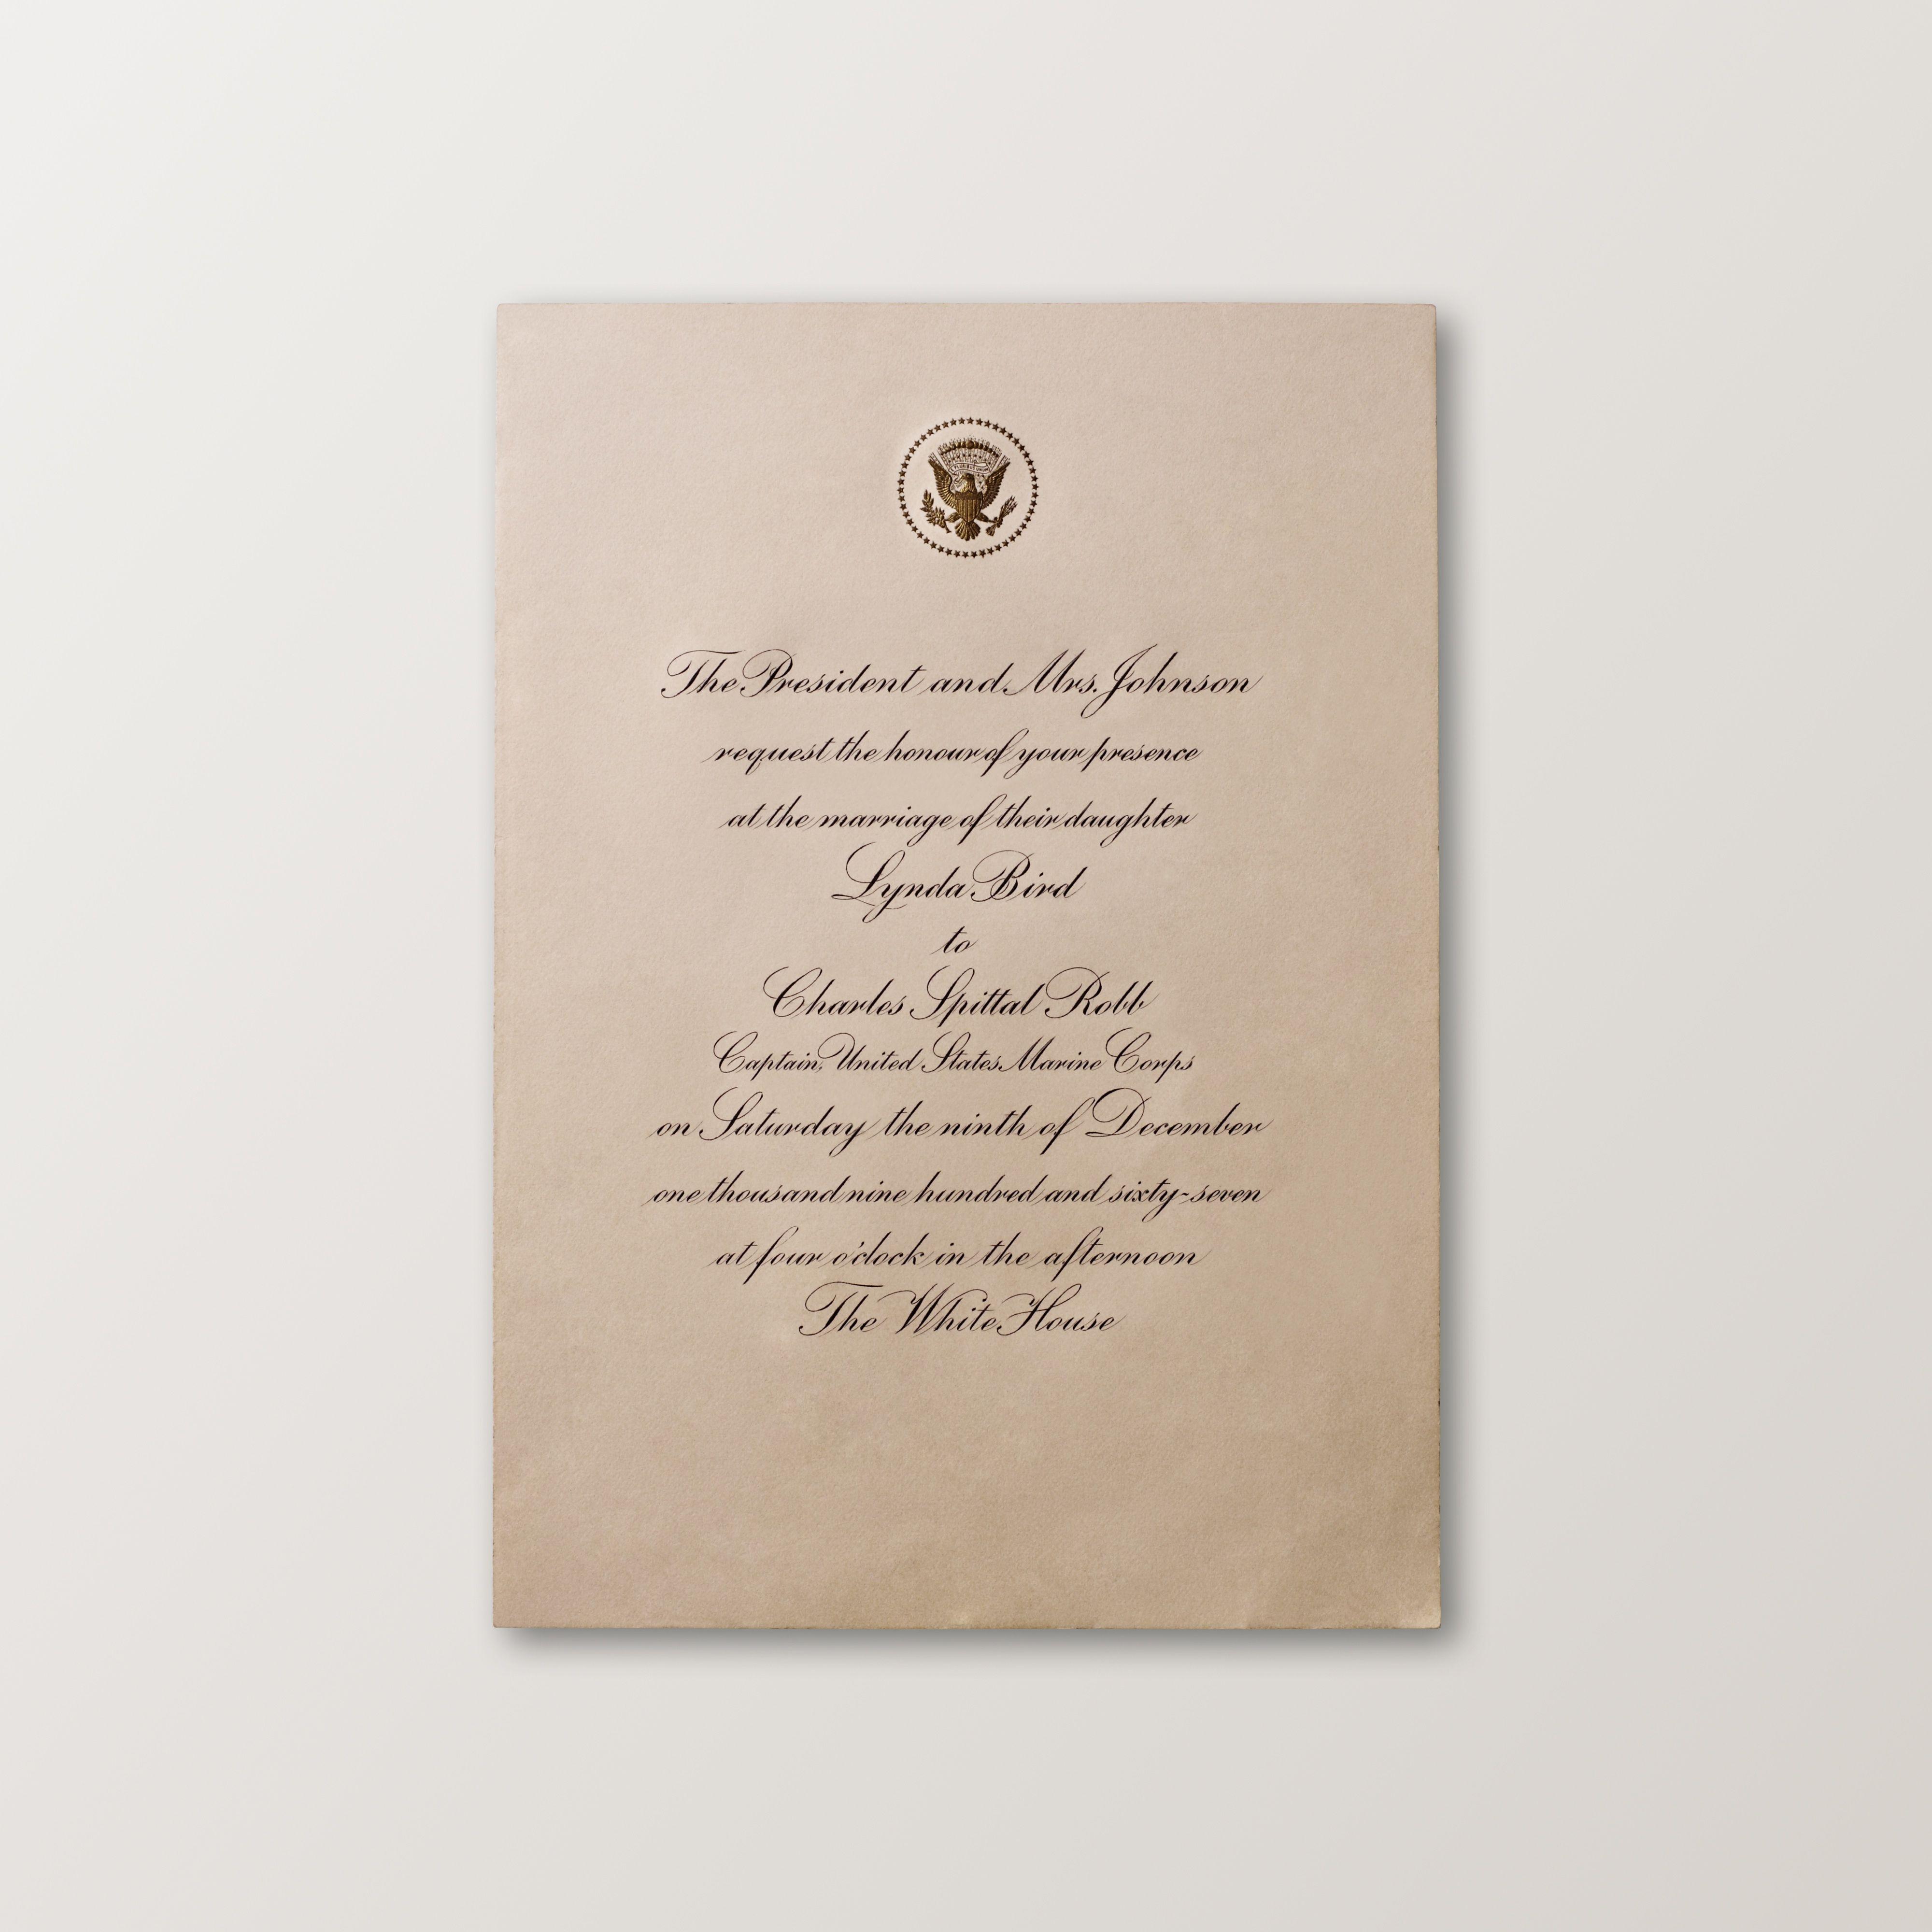 The wedding invitation for President Johnson\'s daughter | Presidents ...